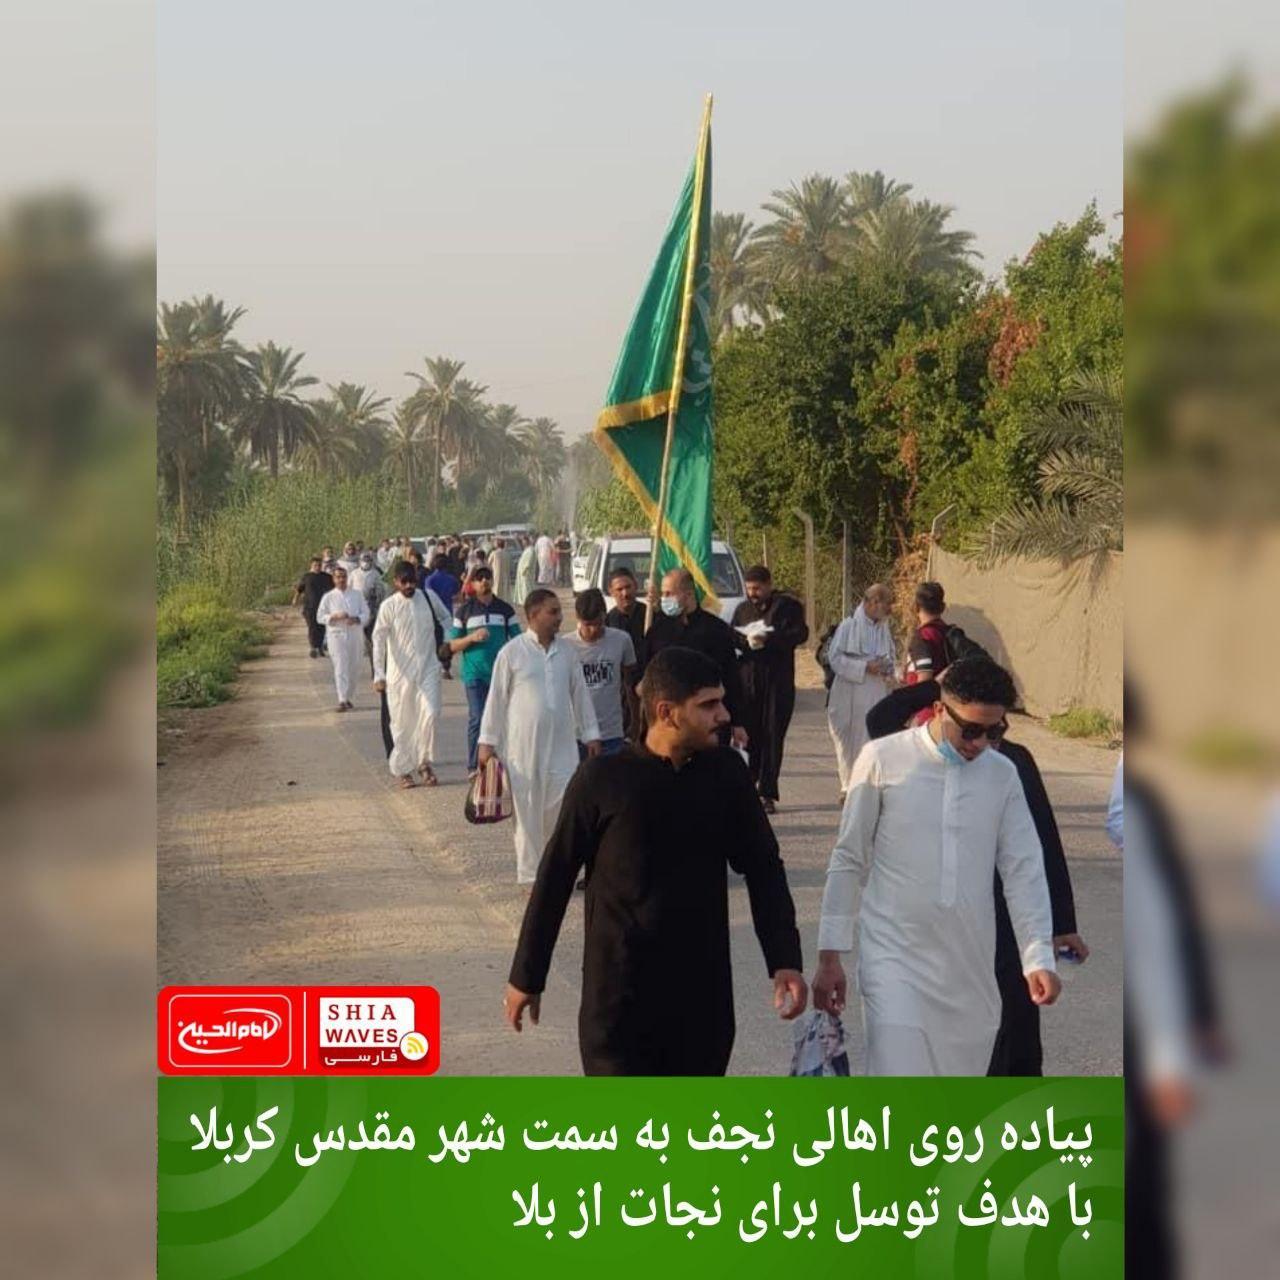 تصویر پیاده روی اهالی نجف به سمت شهر مقدس کربلا با هدف توسل برای نجات از بلا